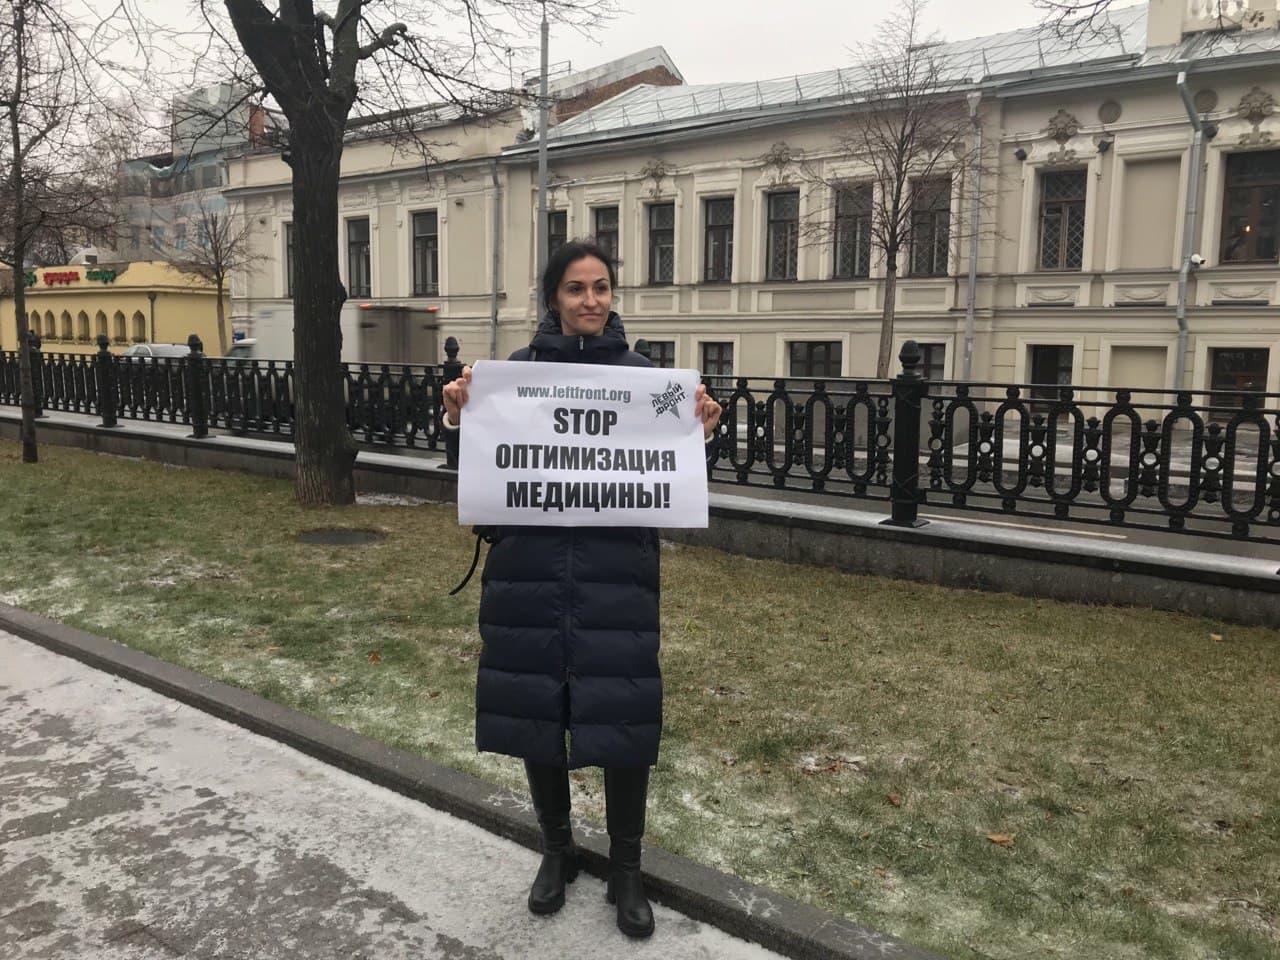 фото ЗакС политика У здания Минздрава задержали коммунистов, протестовавших против оптимизации медицины